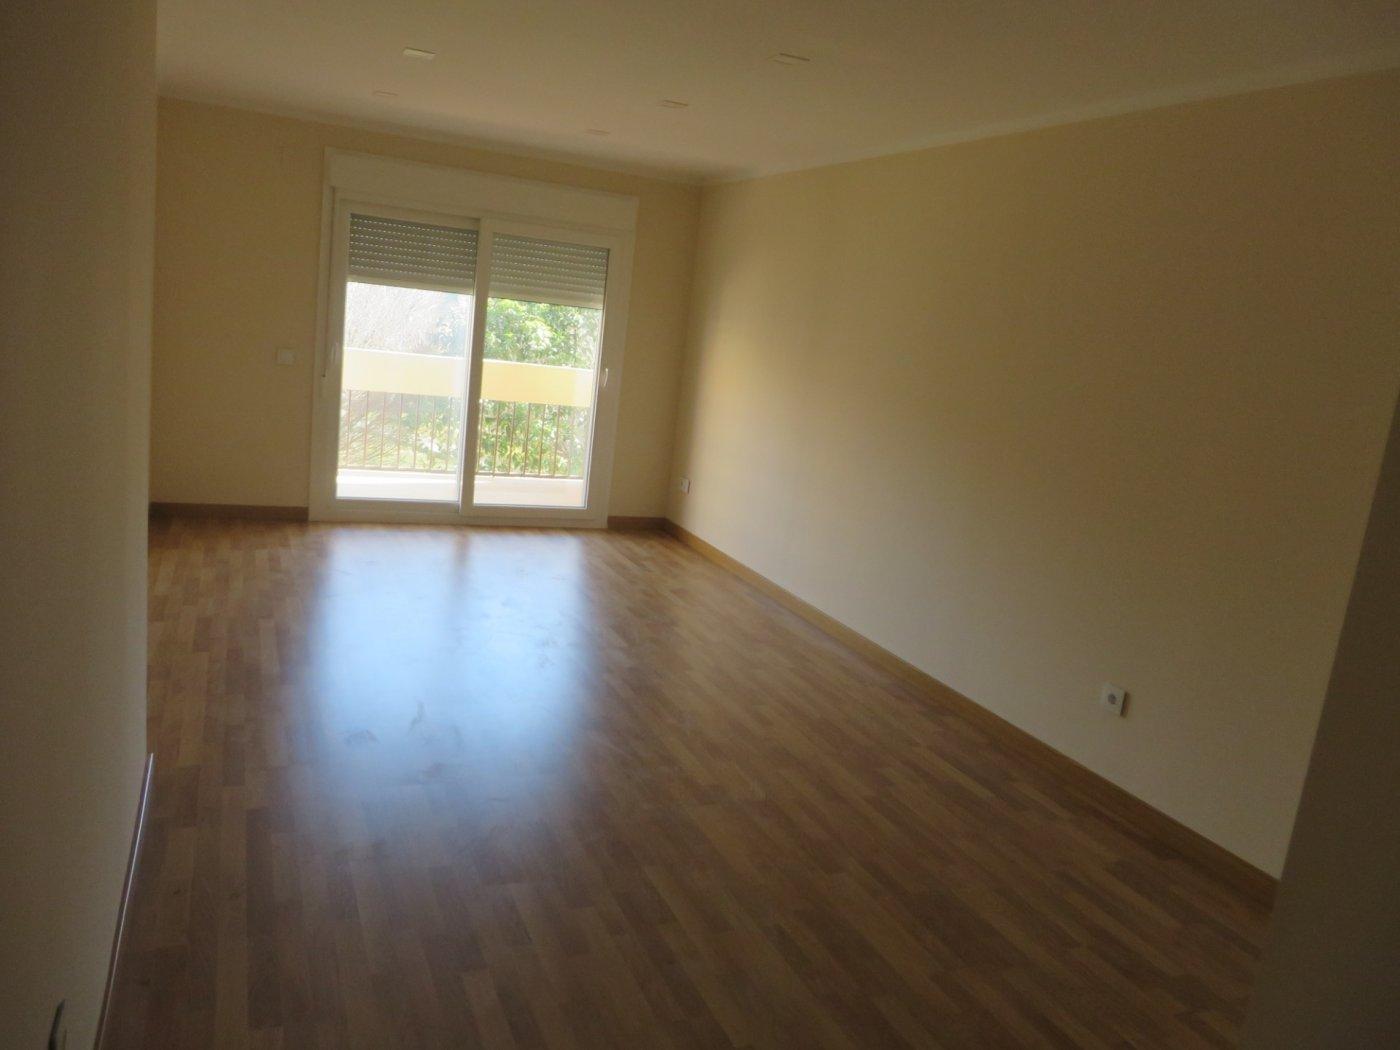 Vivienda en alquiler, como nueva a estrenar, de tres dormitorios en avda. ollerías. - imagenInmueble1